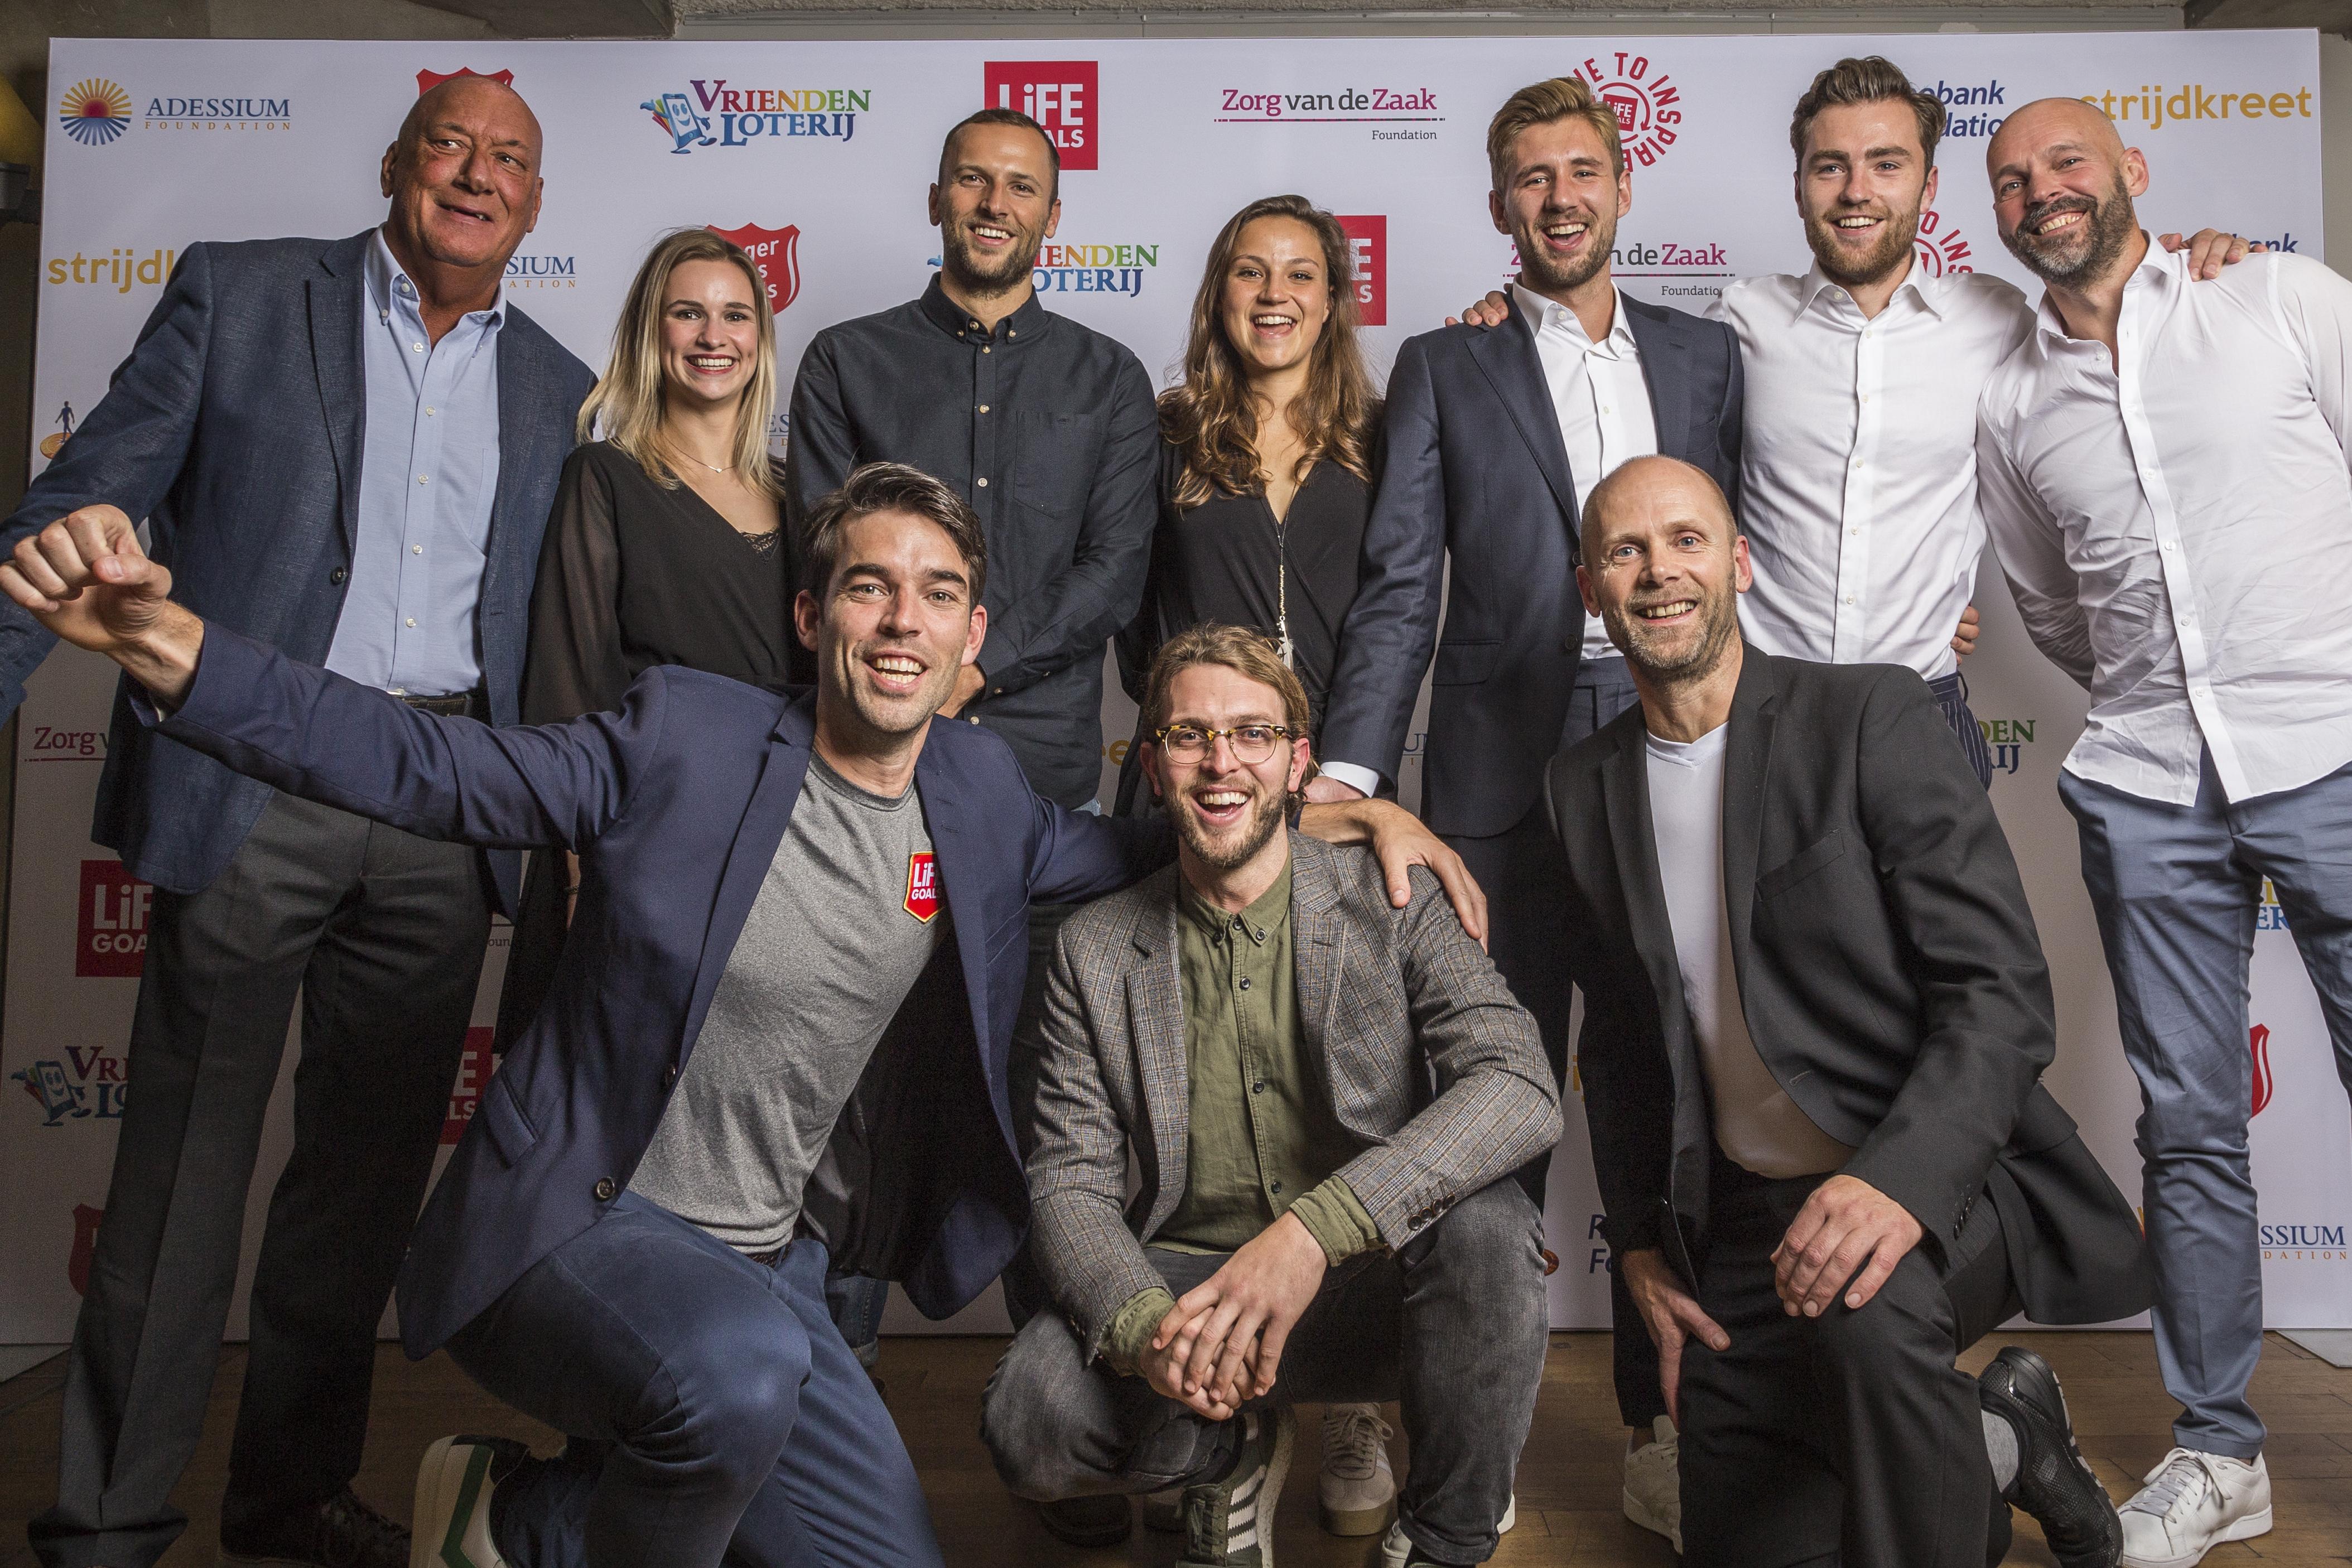 Vacature: Life Goals Nederland zoekt accountmanager